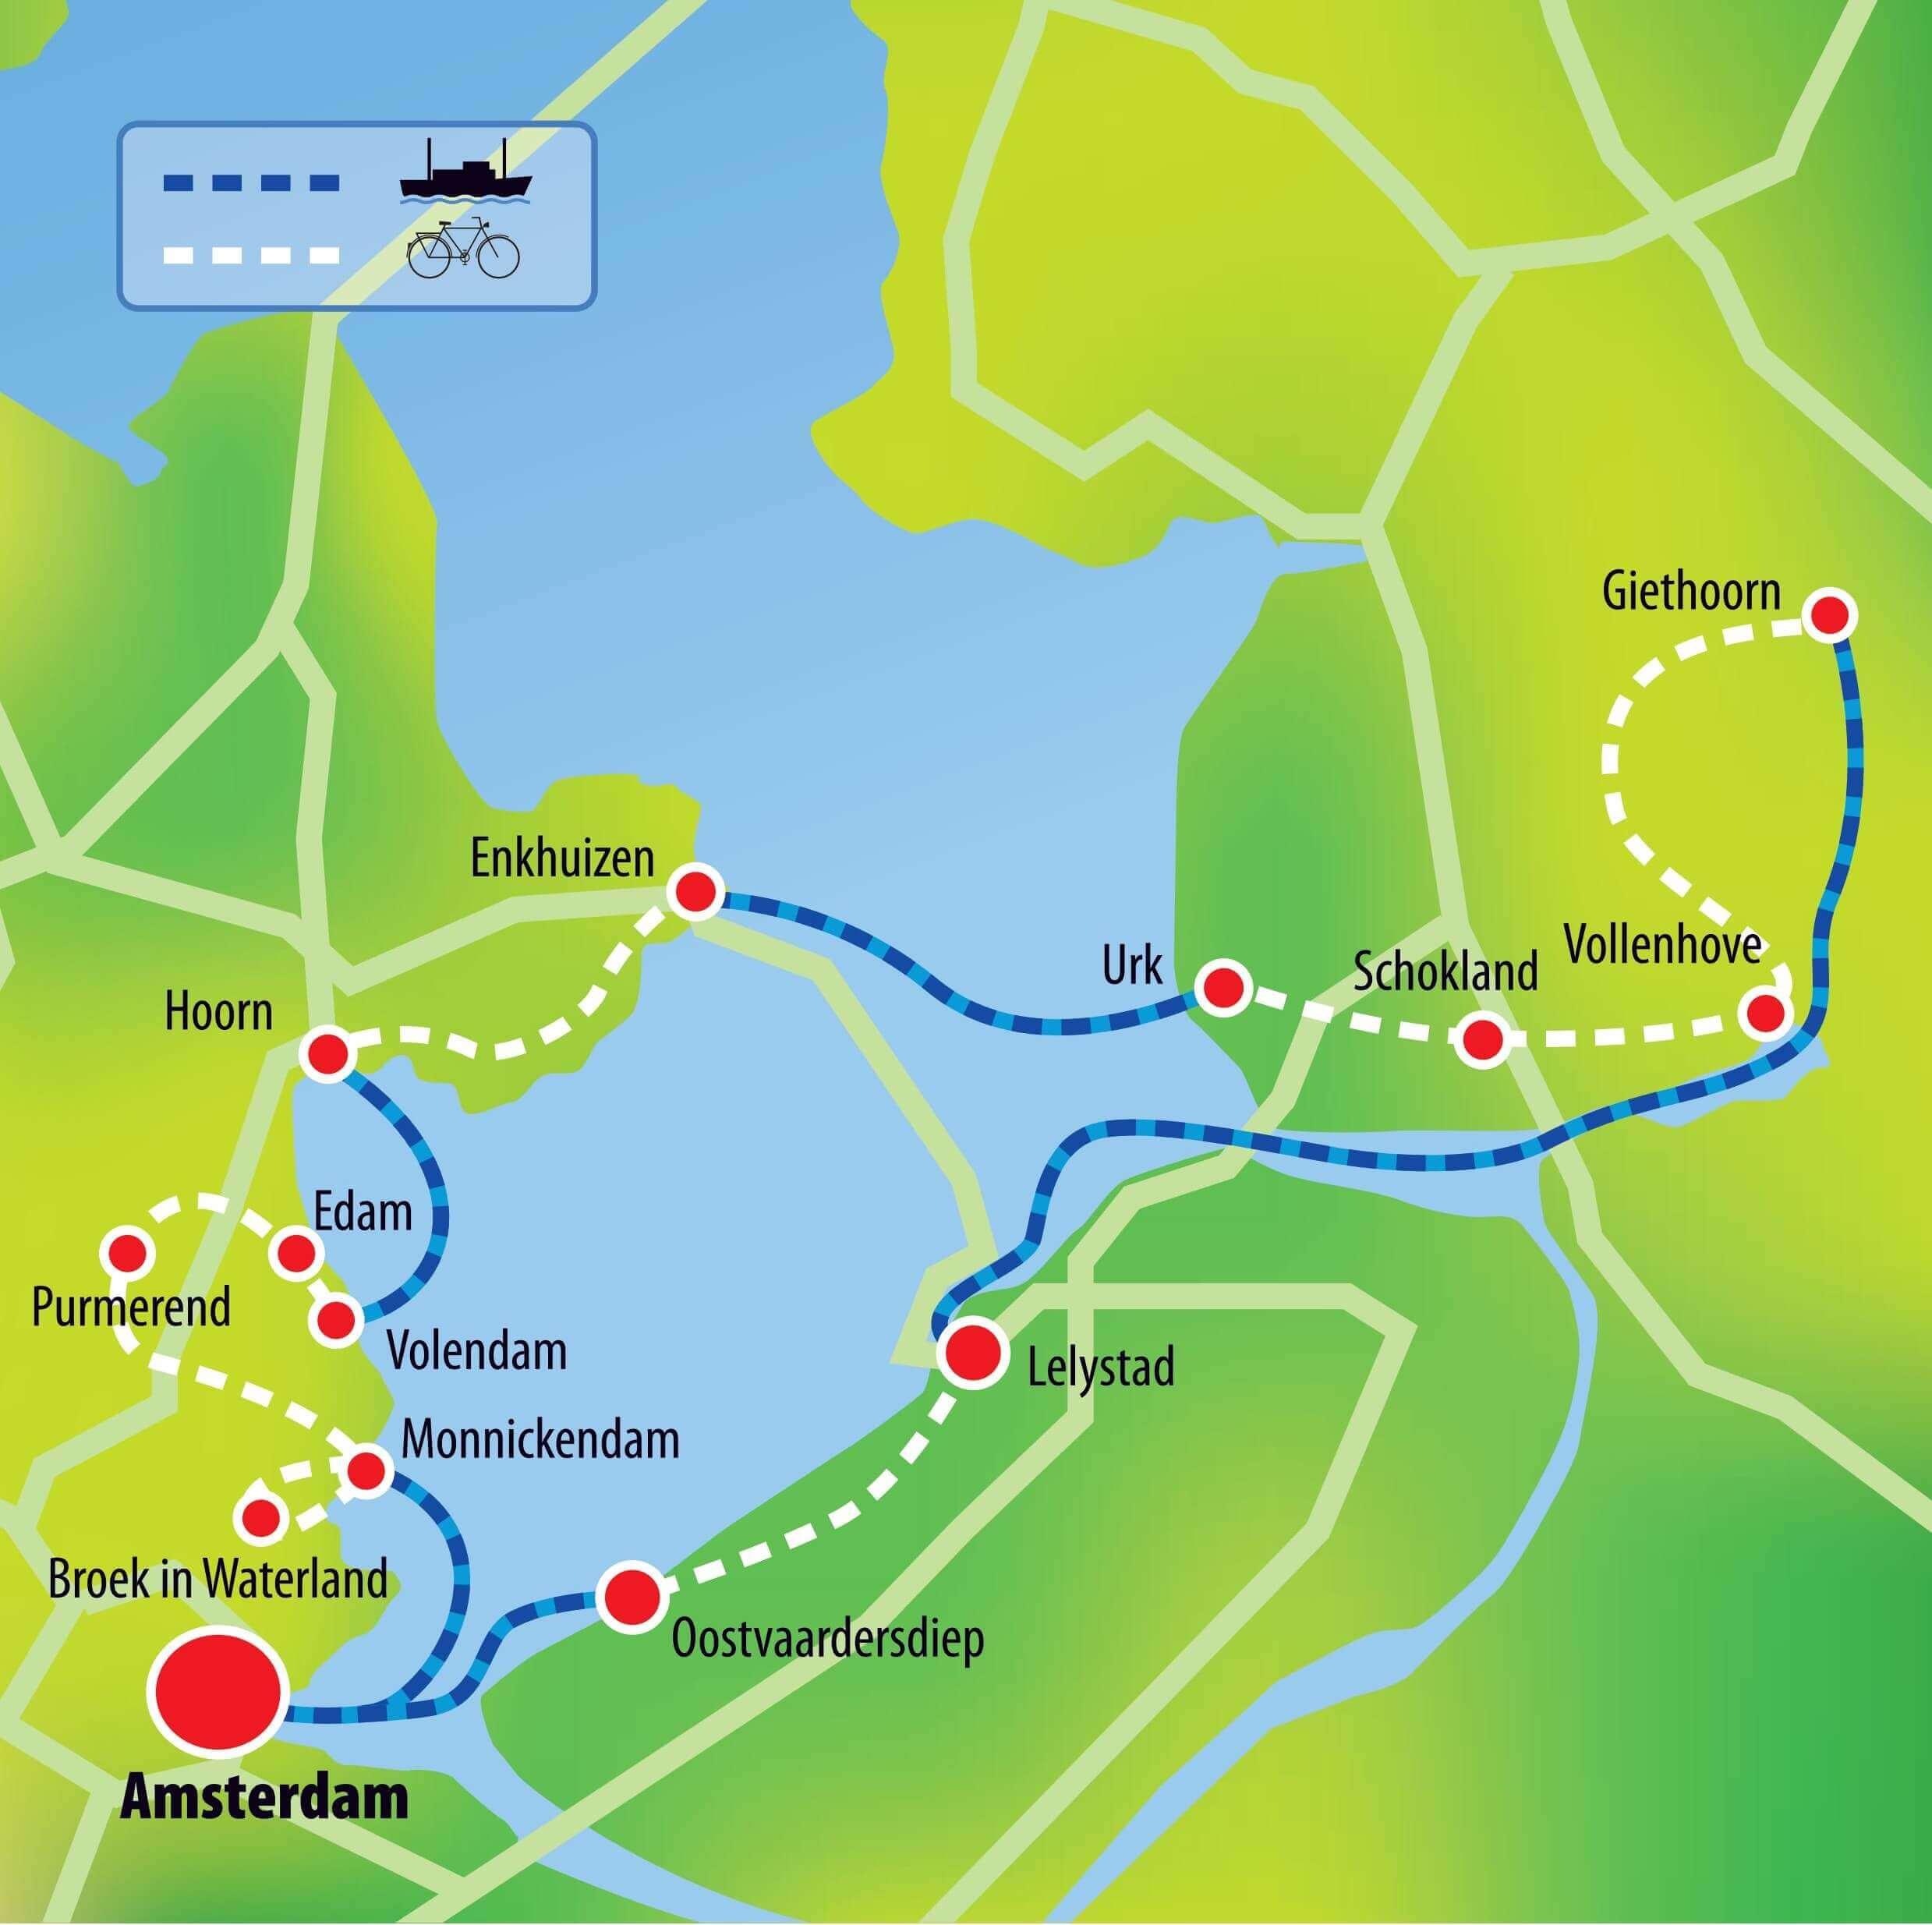 Niederlande Ijsselmeer Karte.Niederlande Sail Bike Ijsselmeer